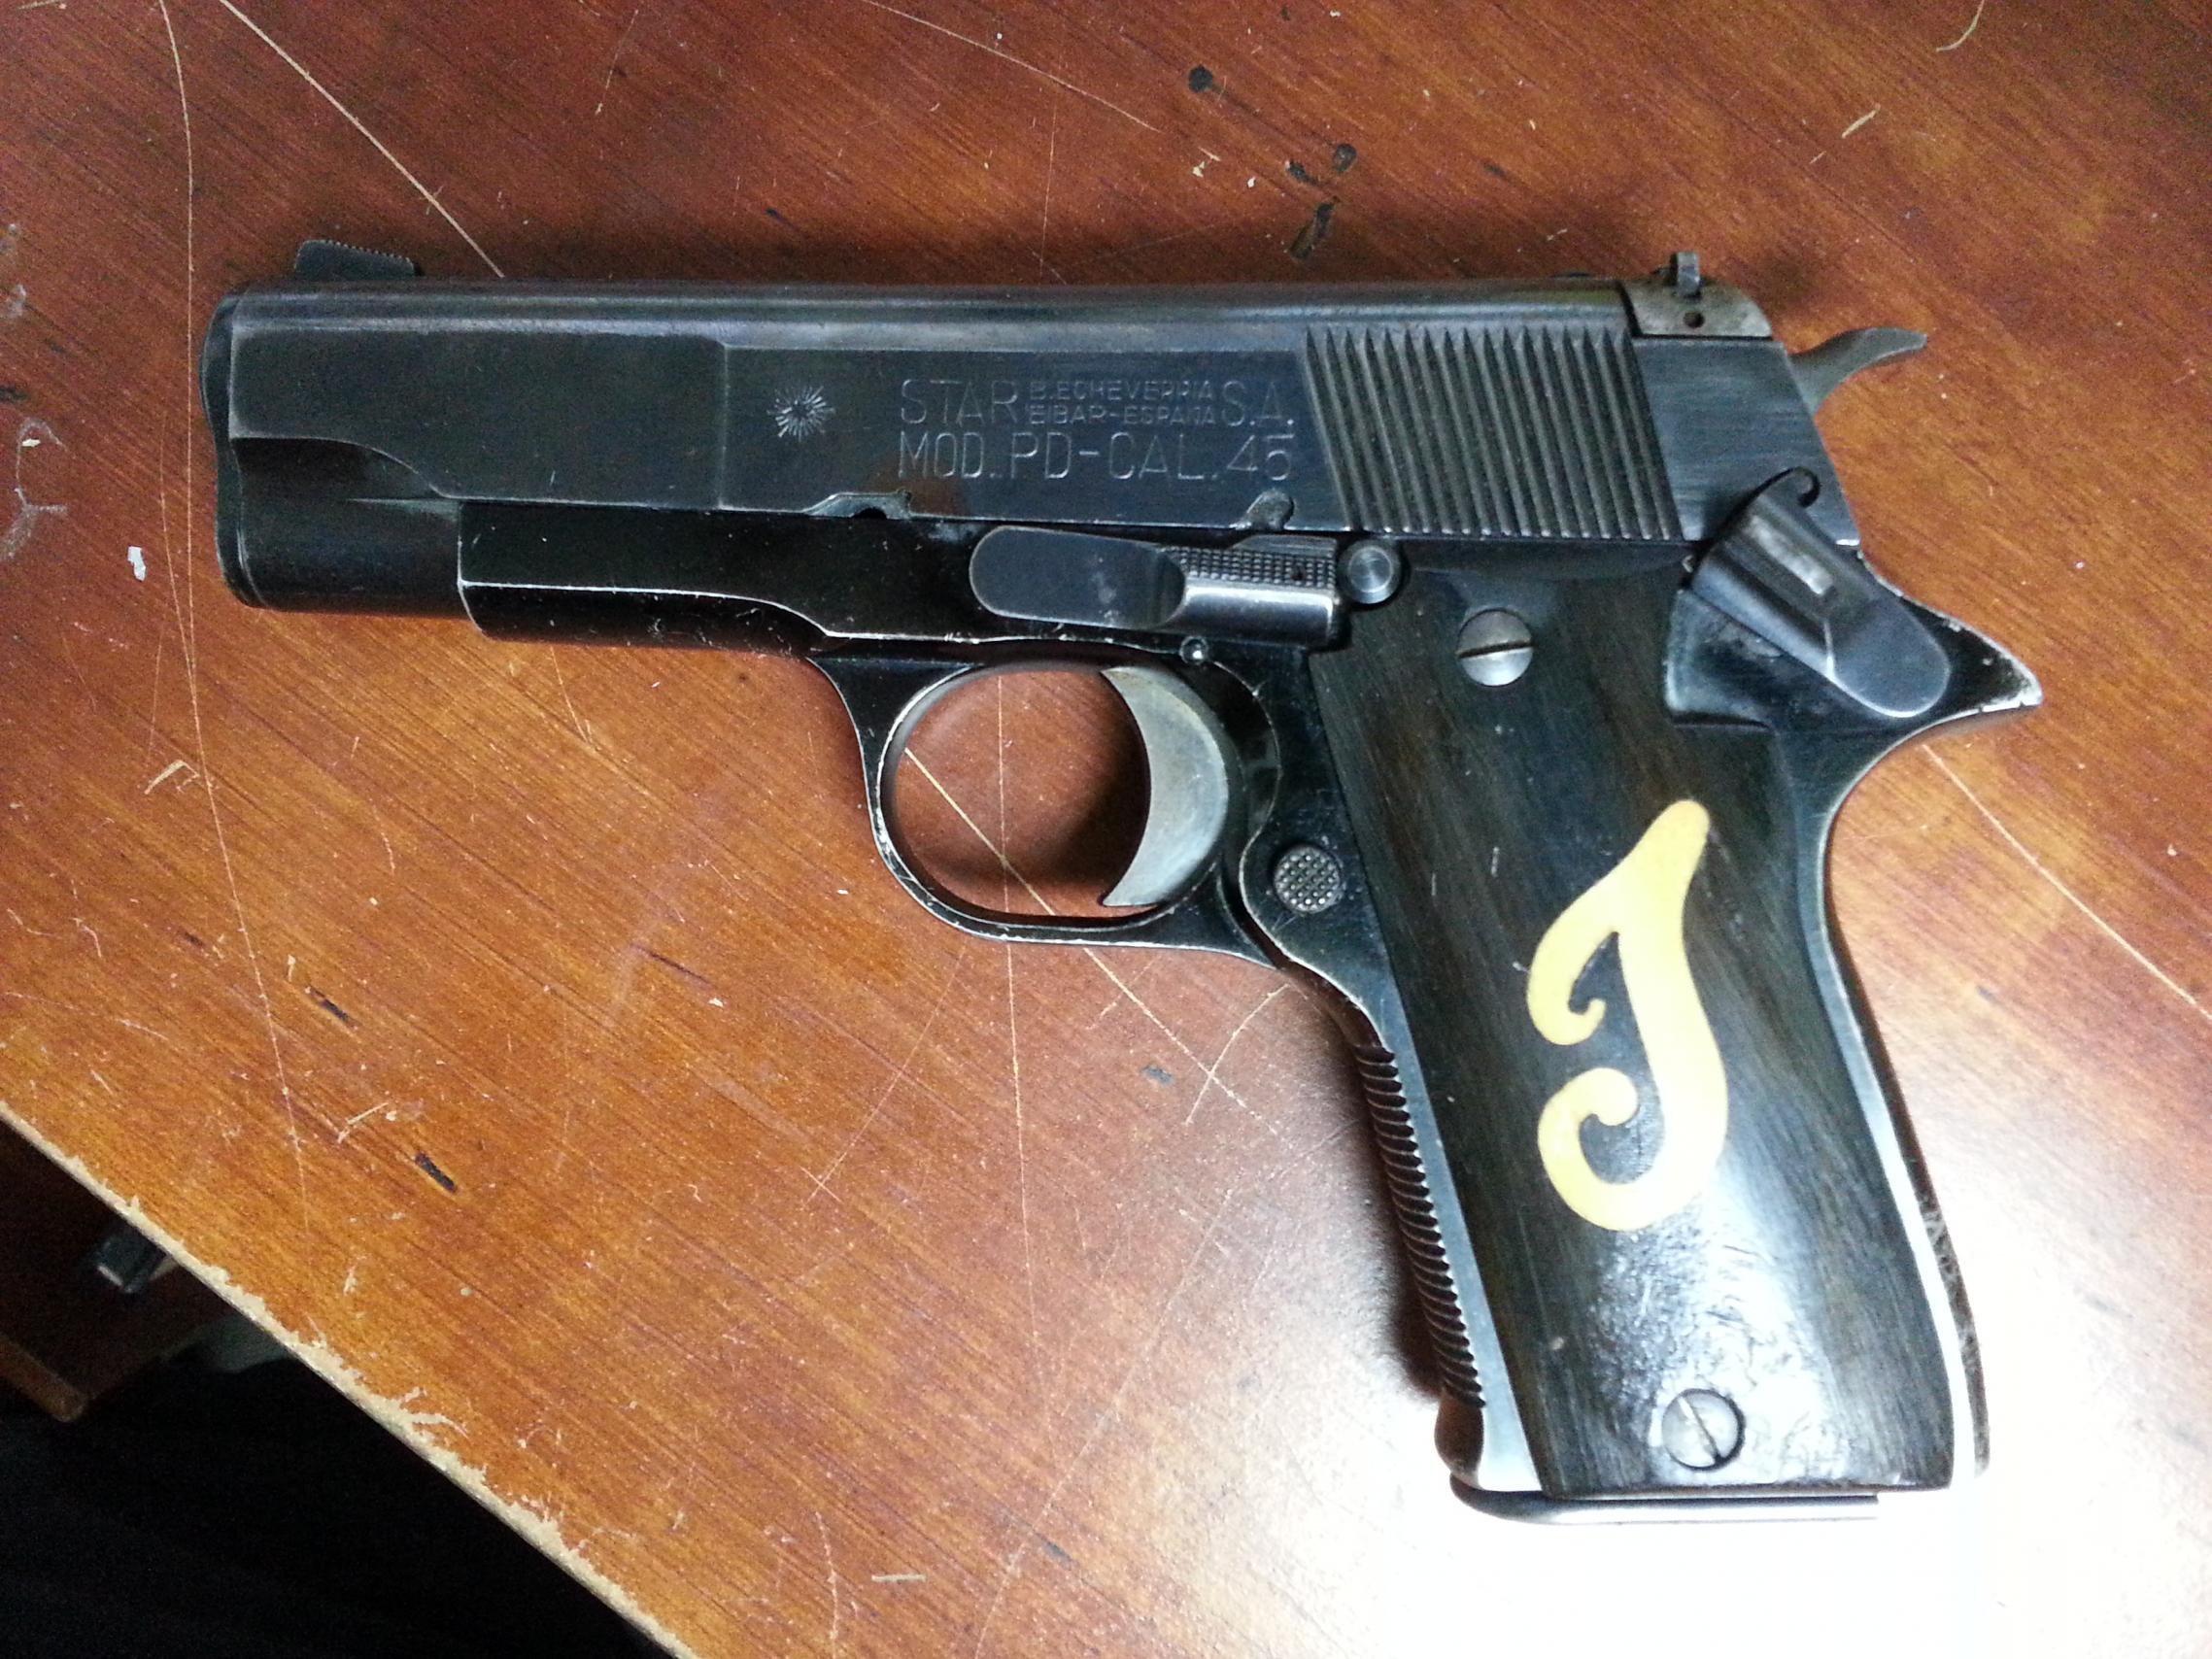 Star Firearms - Garcia Model-20130211_214823.jpg